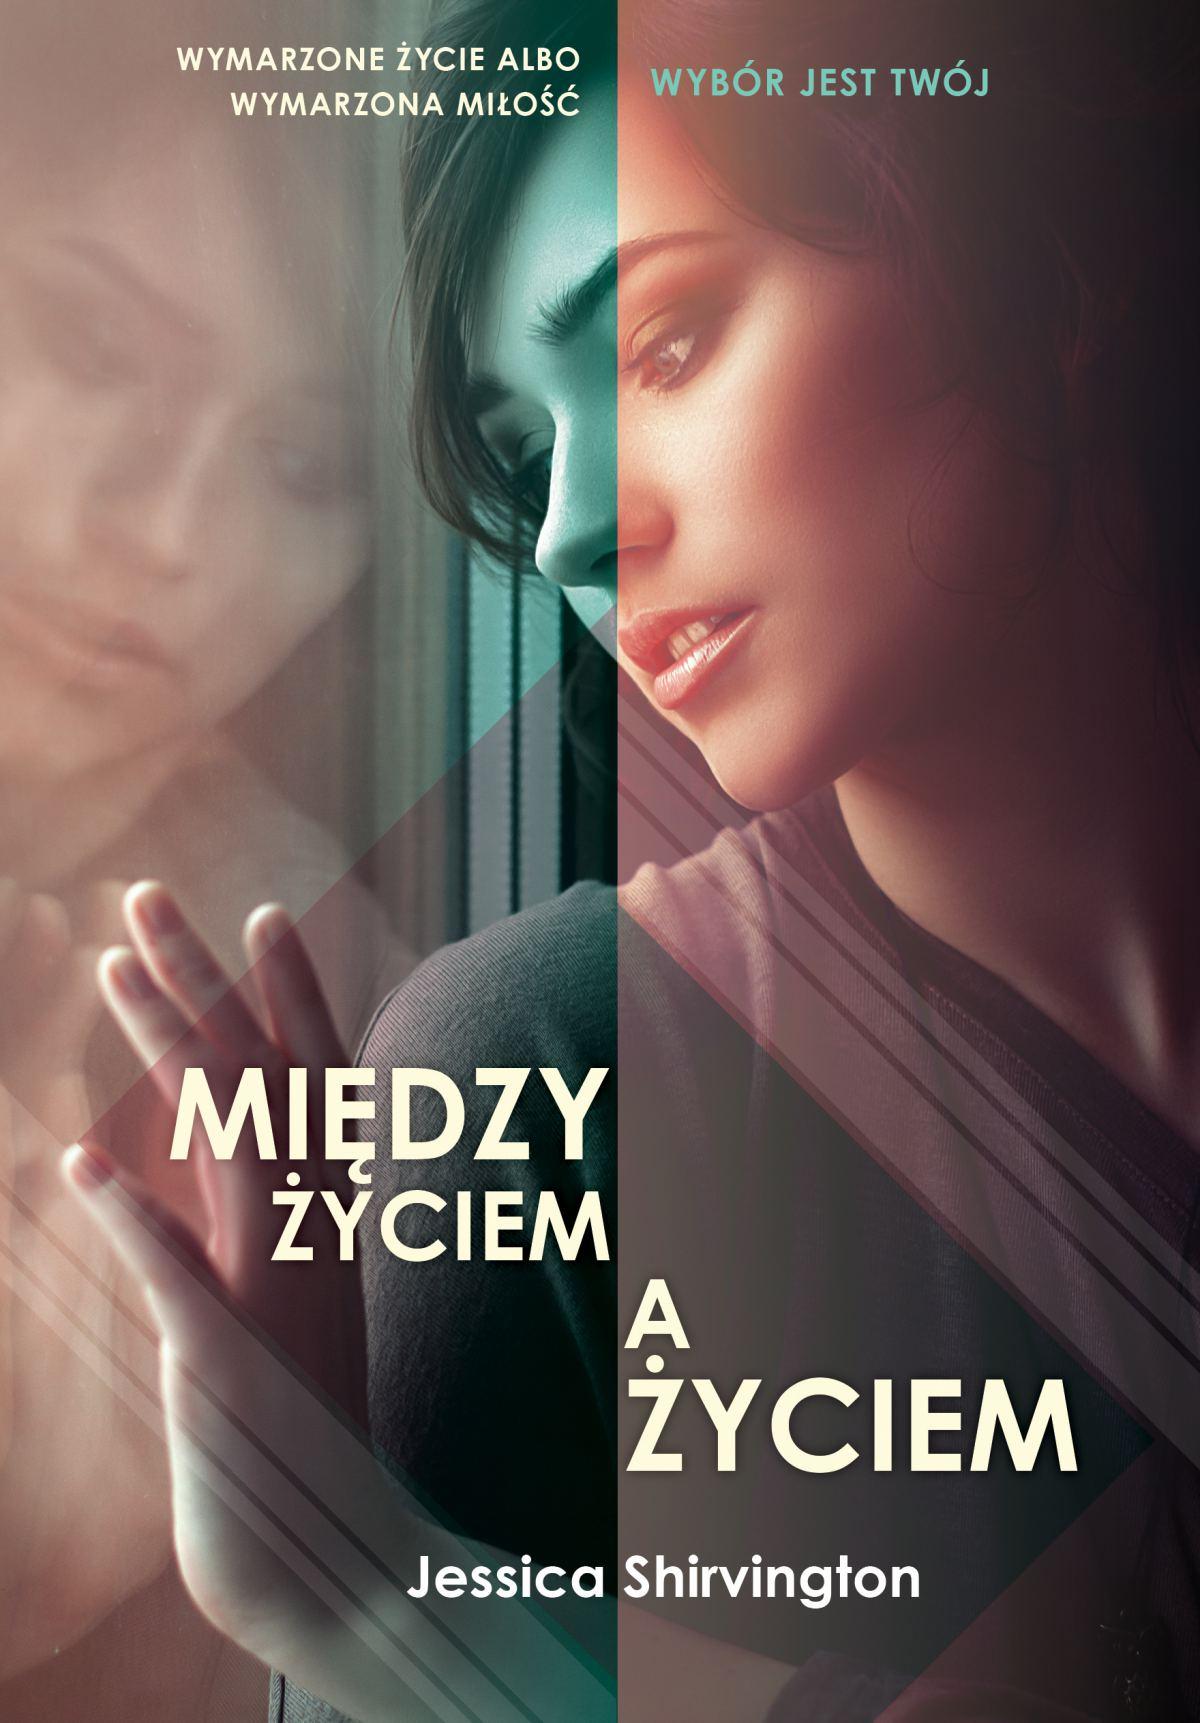 Między życiem a życiem - Ebook (Książka na Kindle) do pobrania w formacie MOBI